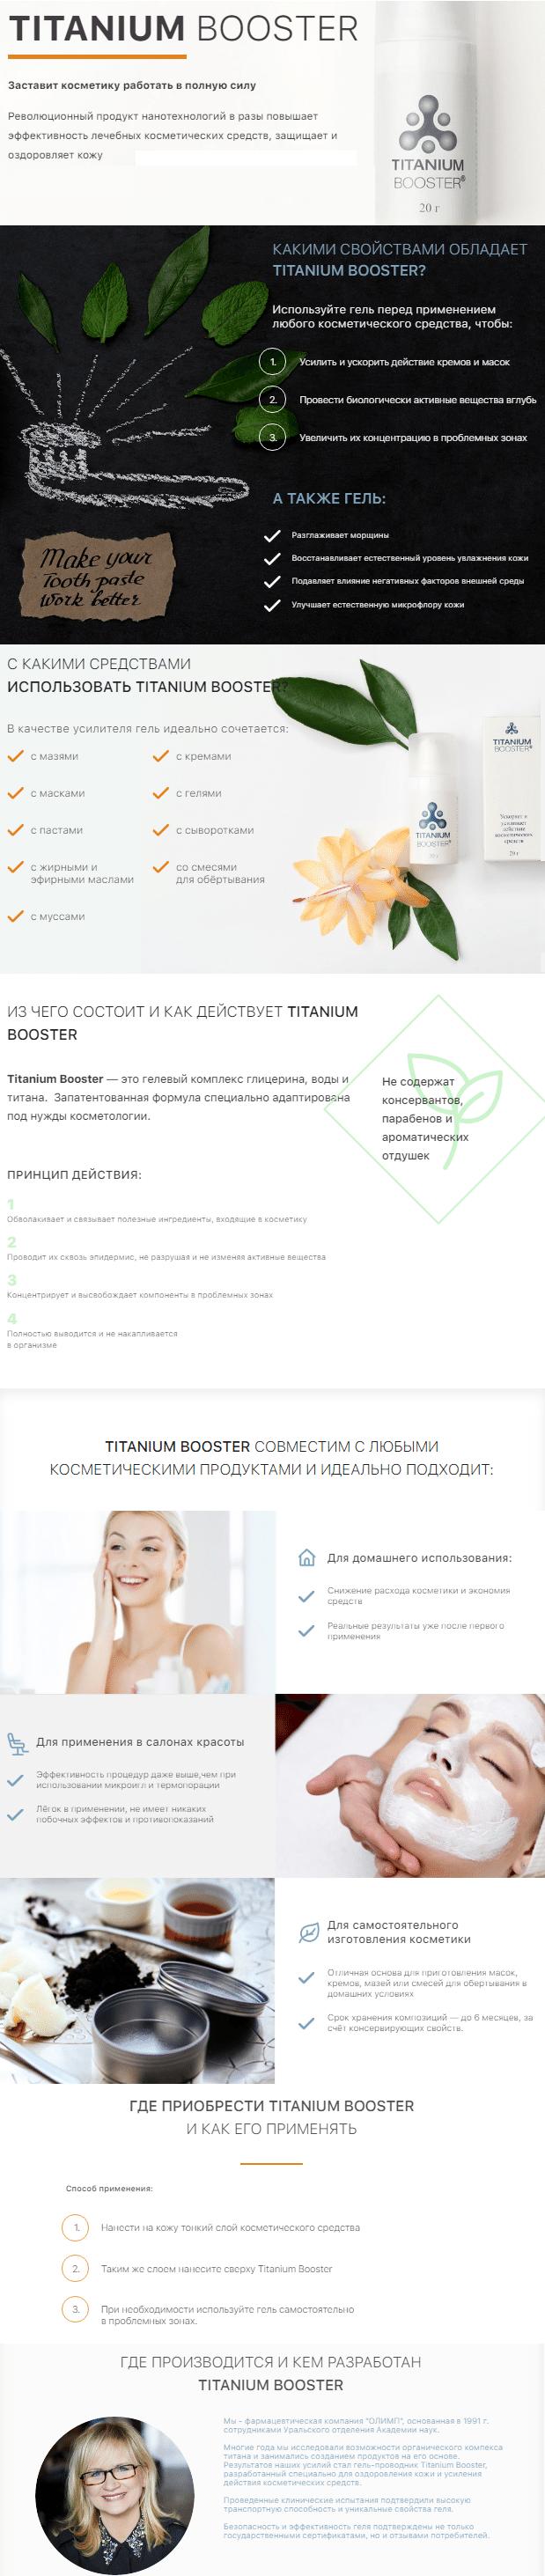 Titanium Booster усилитель косметики купить